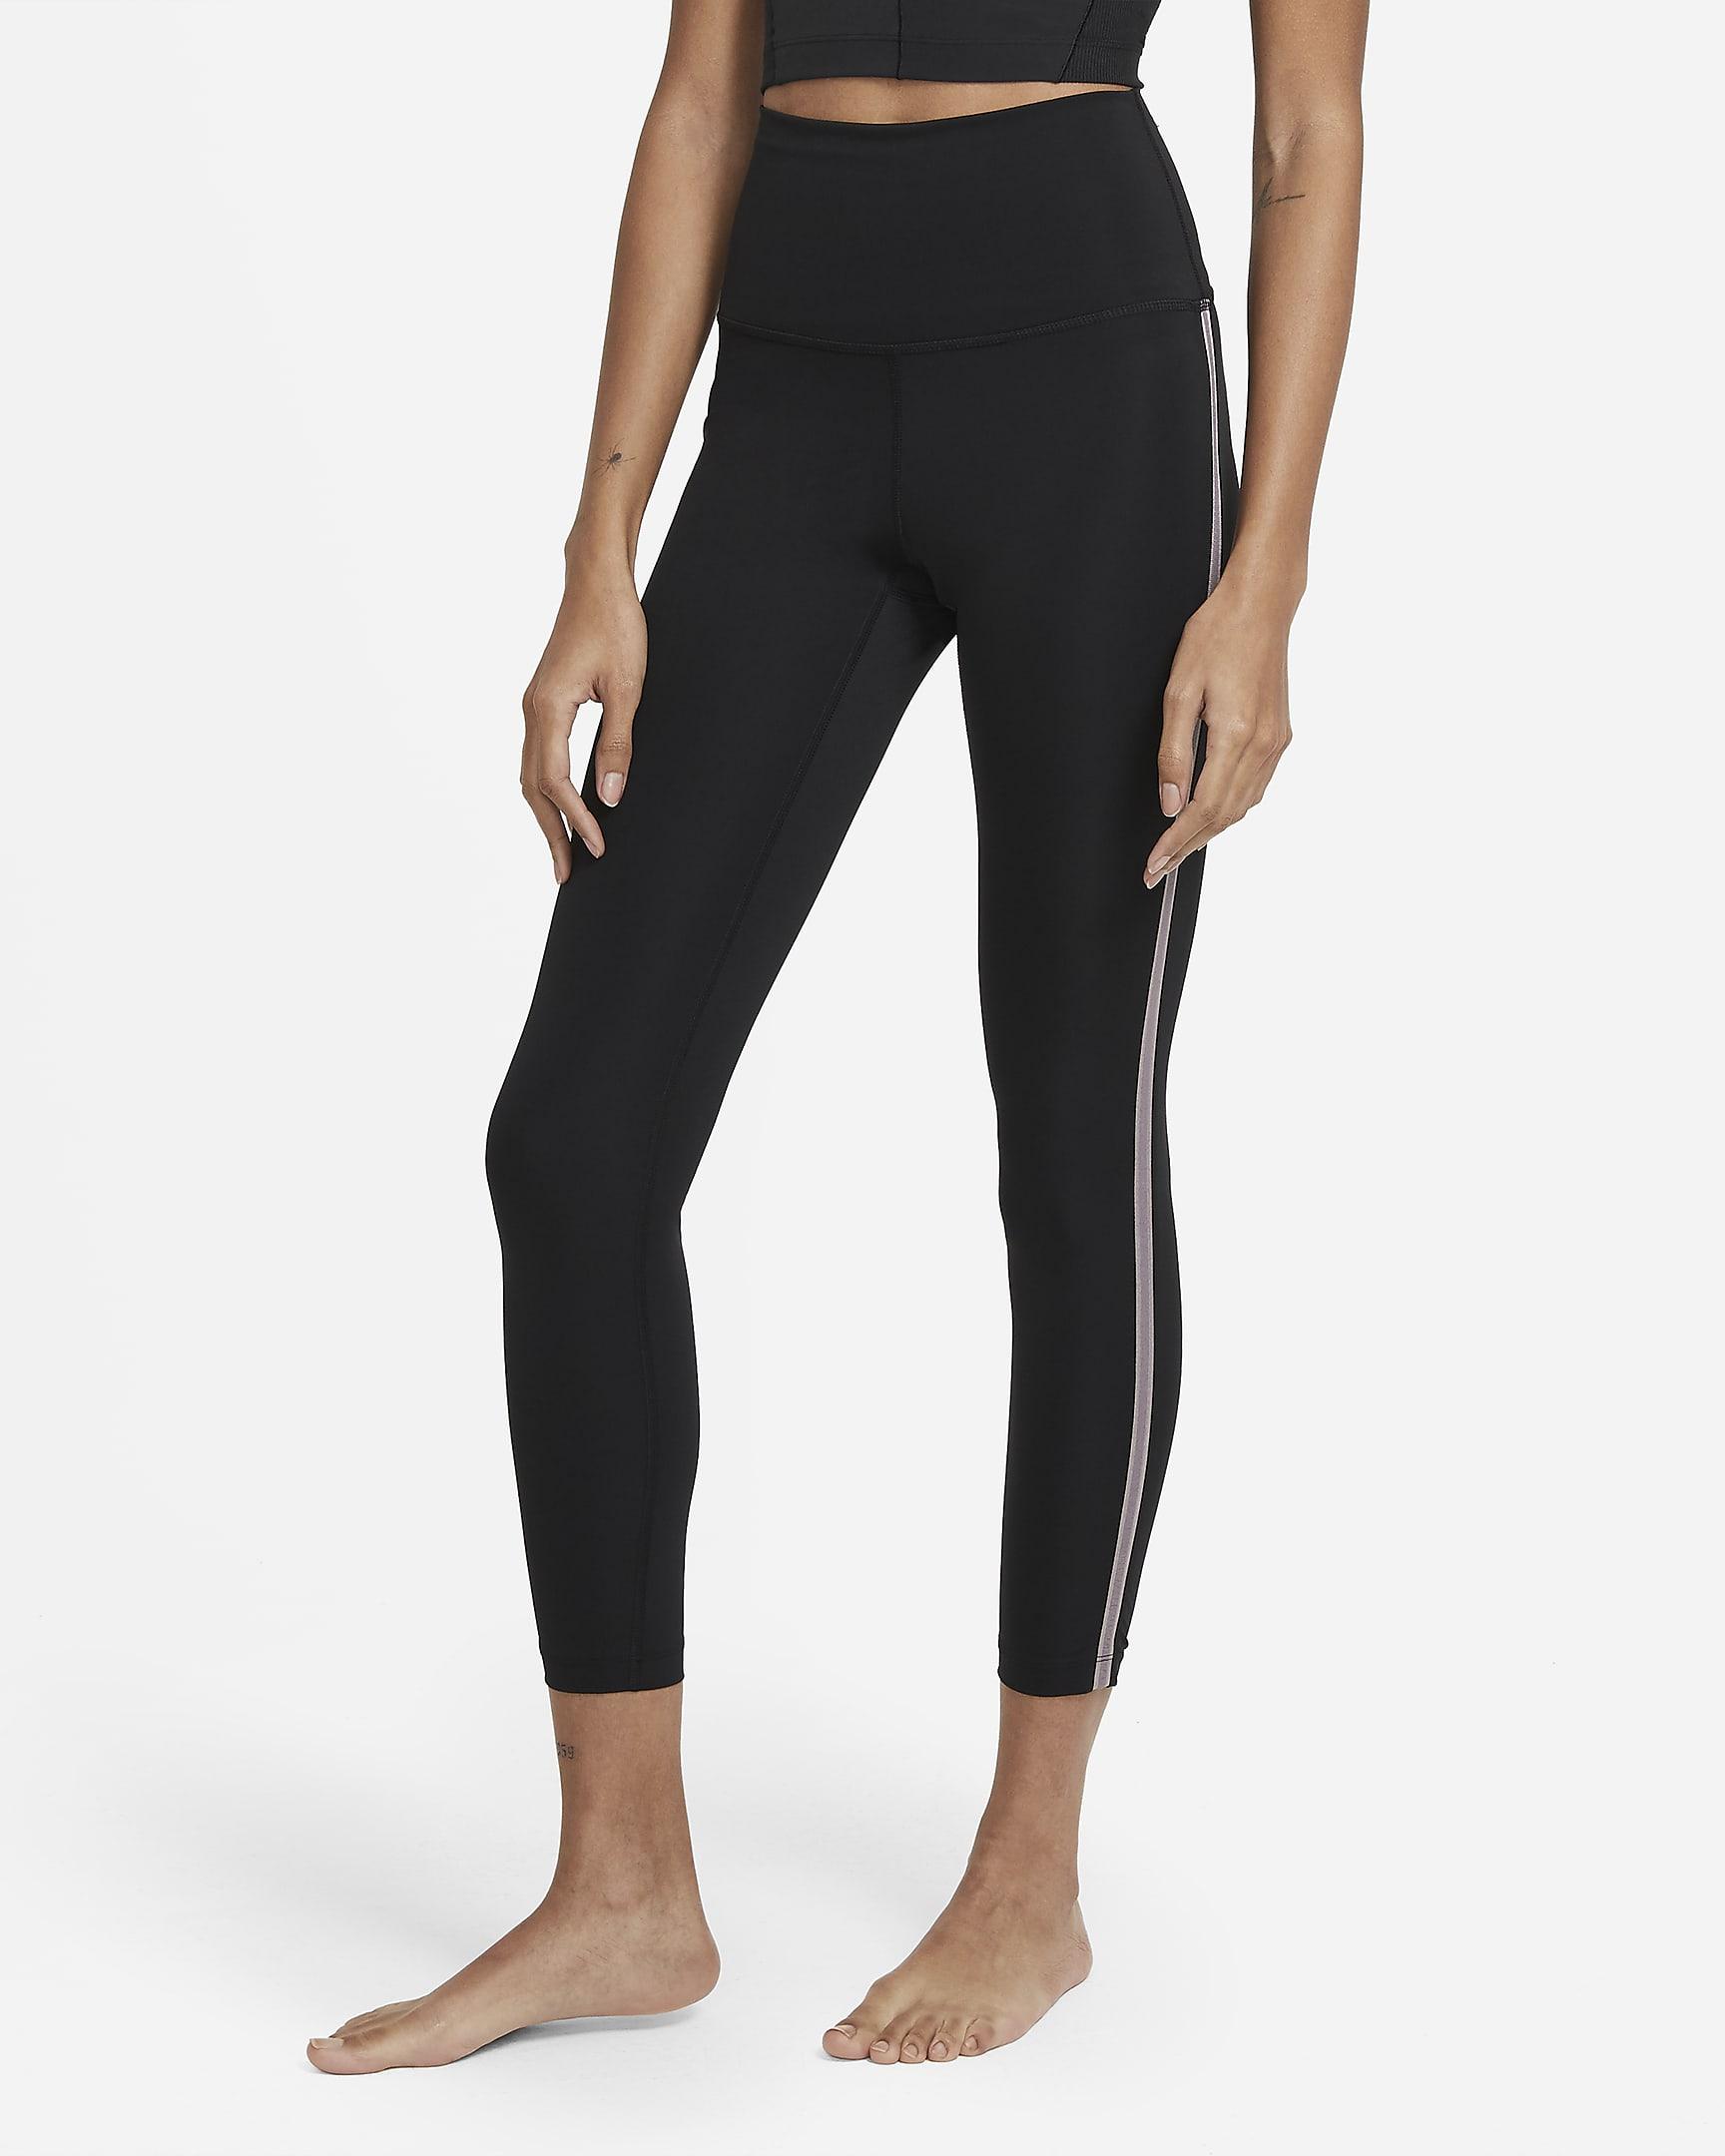 Pantalones de Yoga en dos colores a elegir Nike